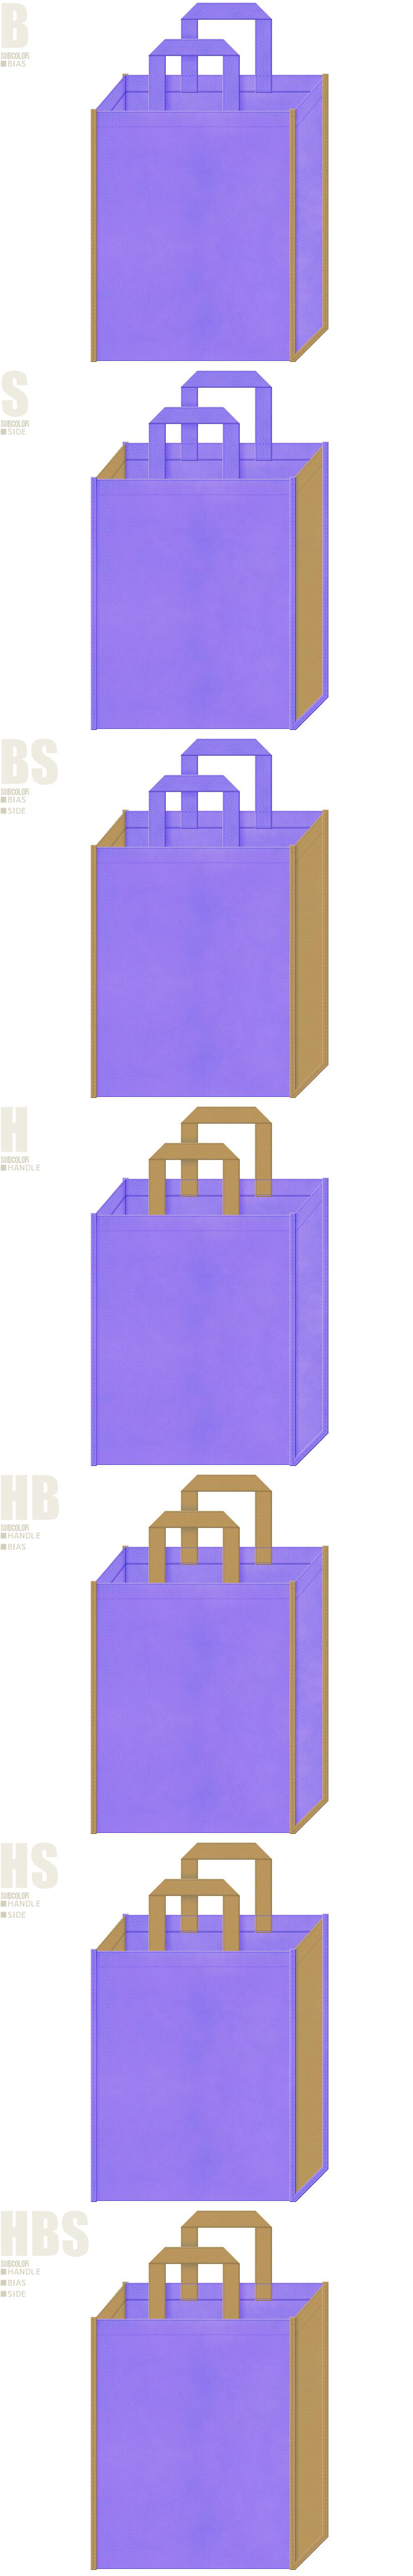 薄紫色と金黄土色の配色7パターン:不織布トートバッグのデザイン